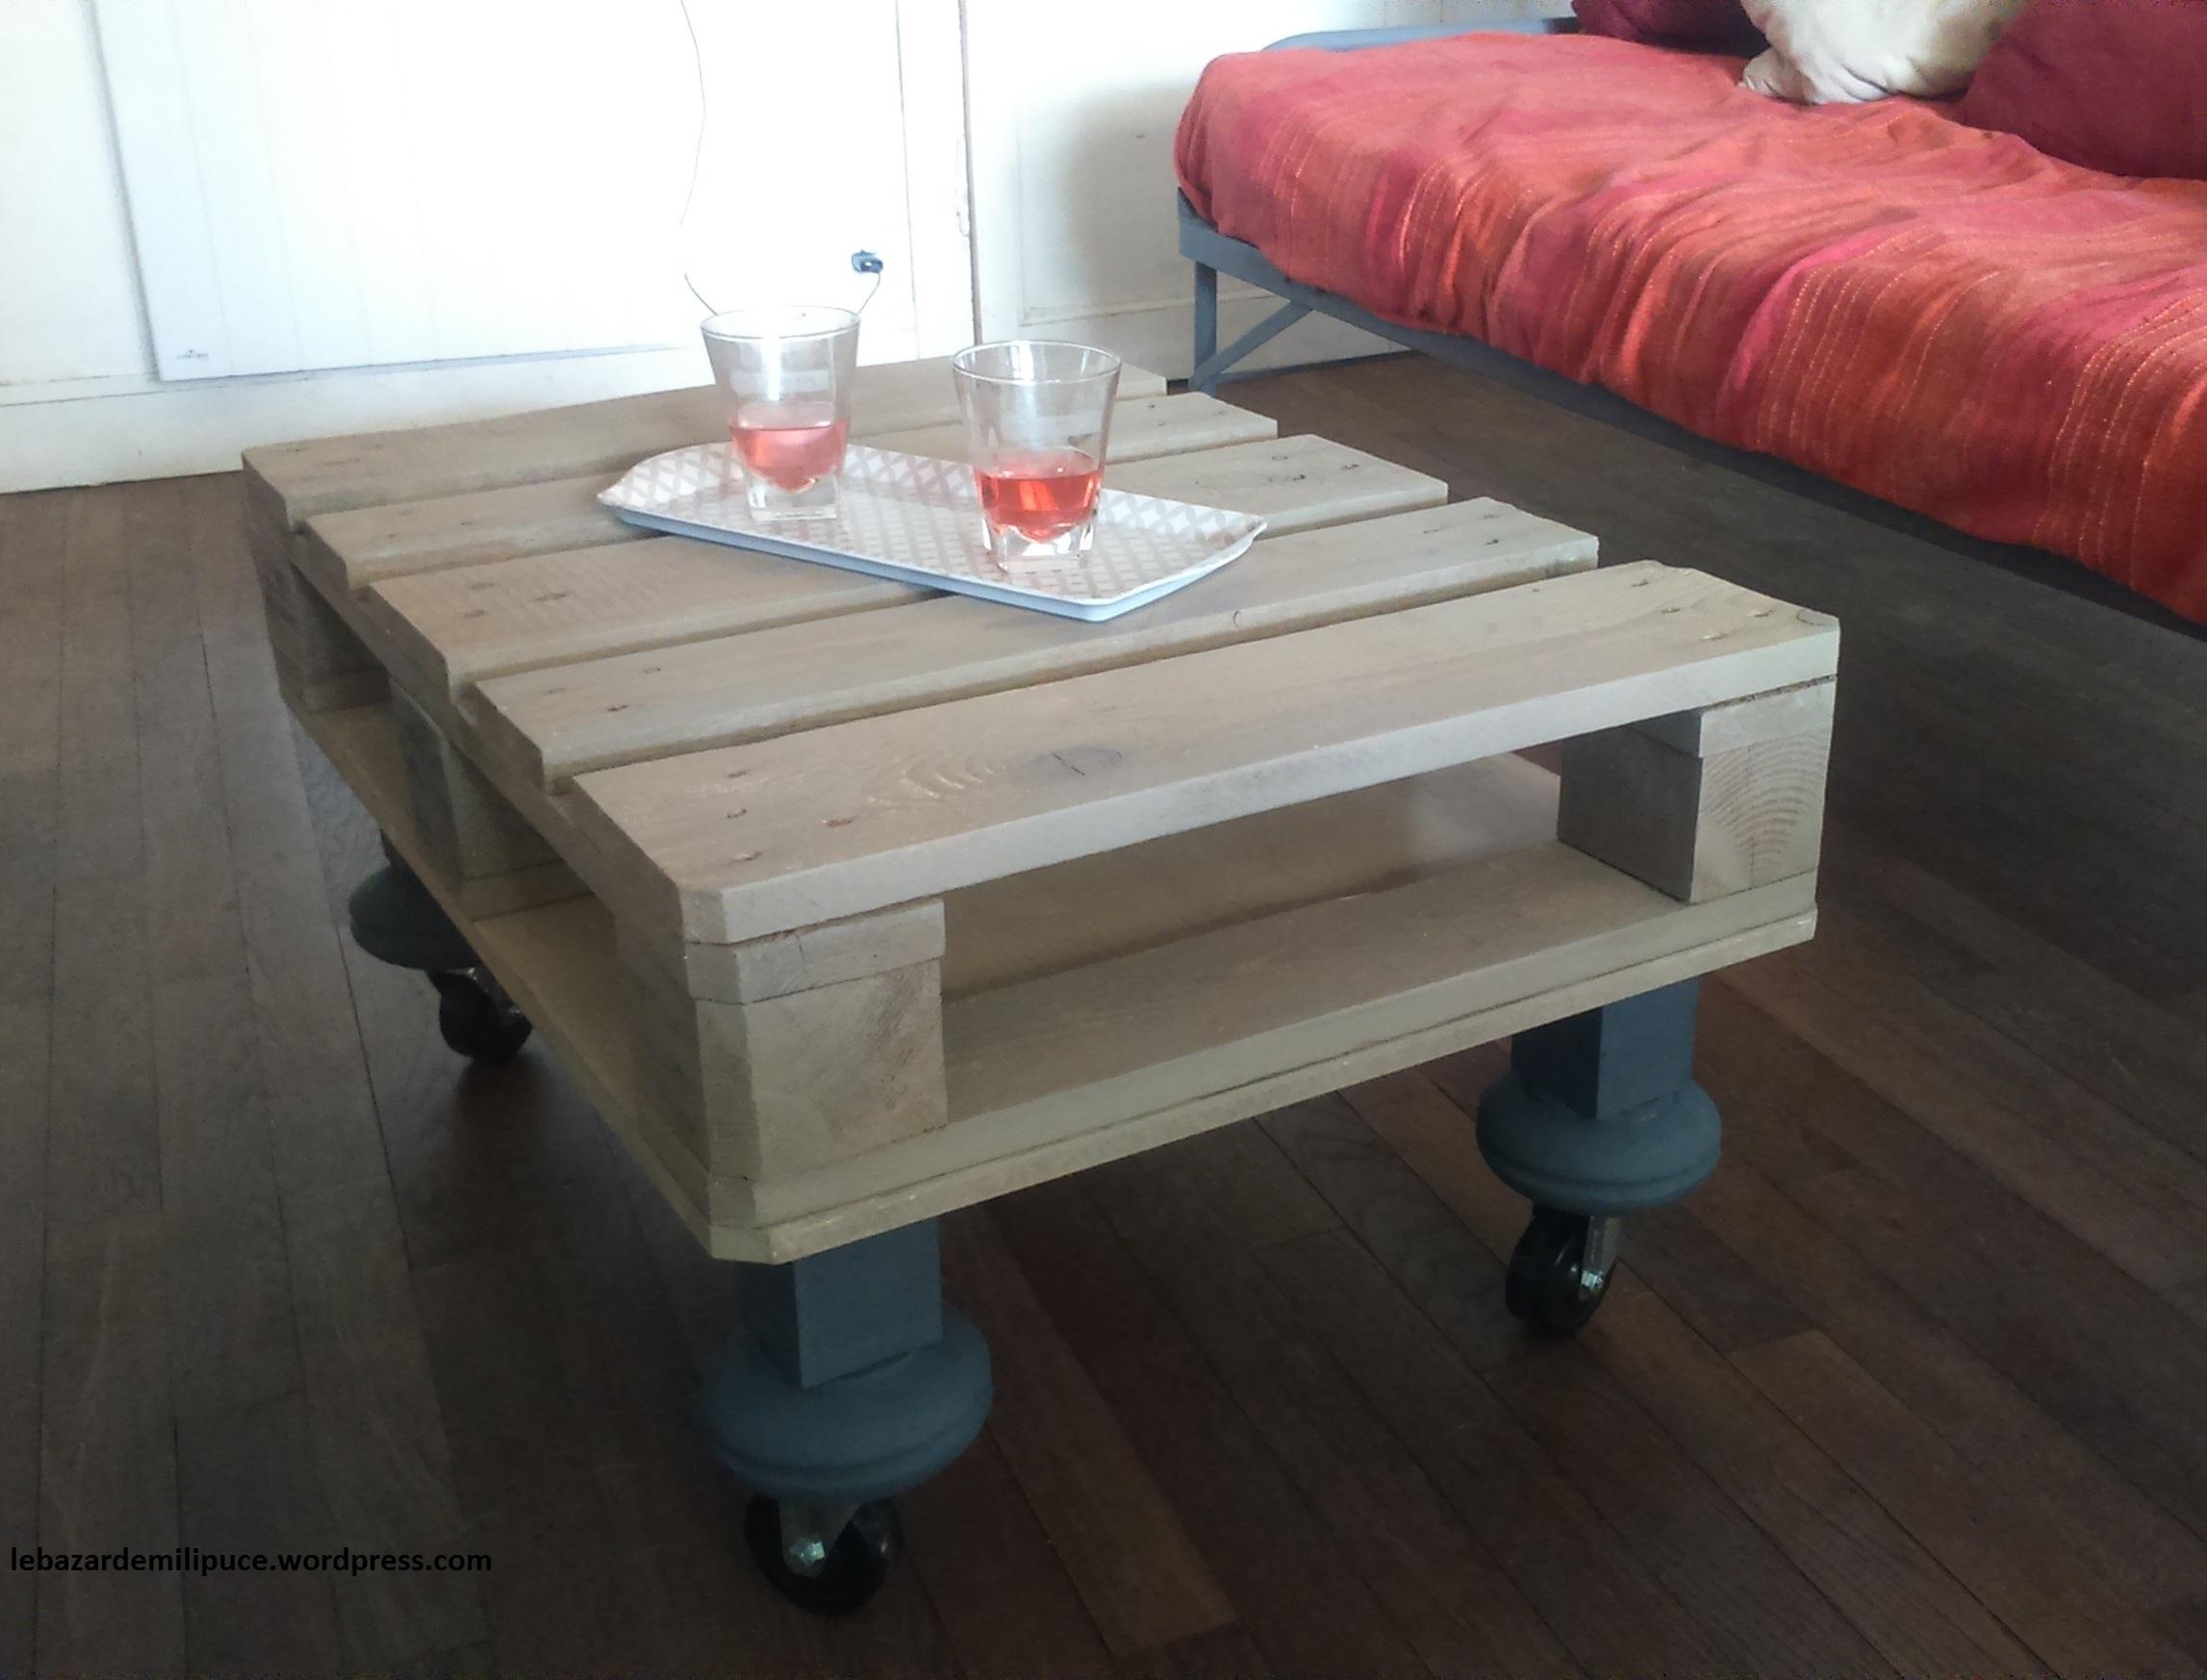 comment faire une table basse avec des palettes | table basse en